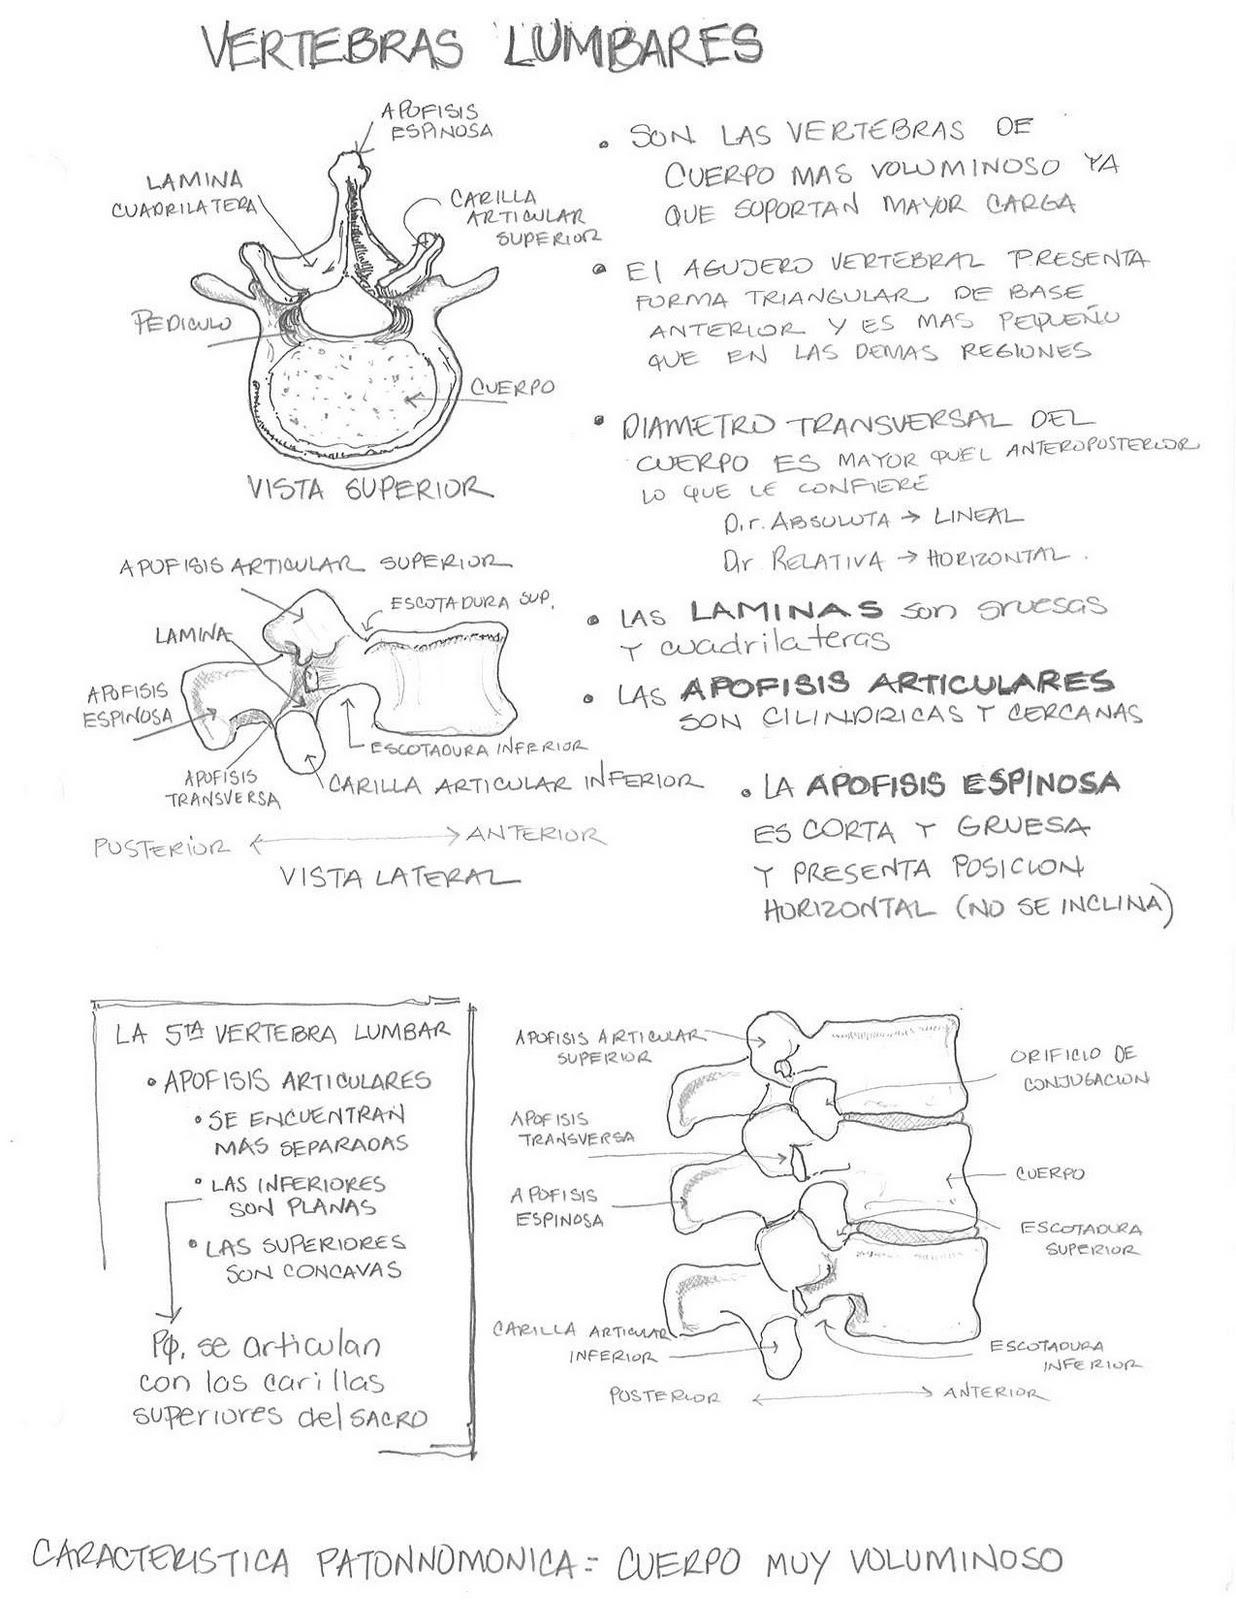 Anatomía Humana... Para Humanos: marzo 2011